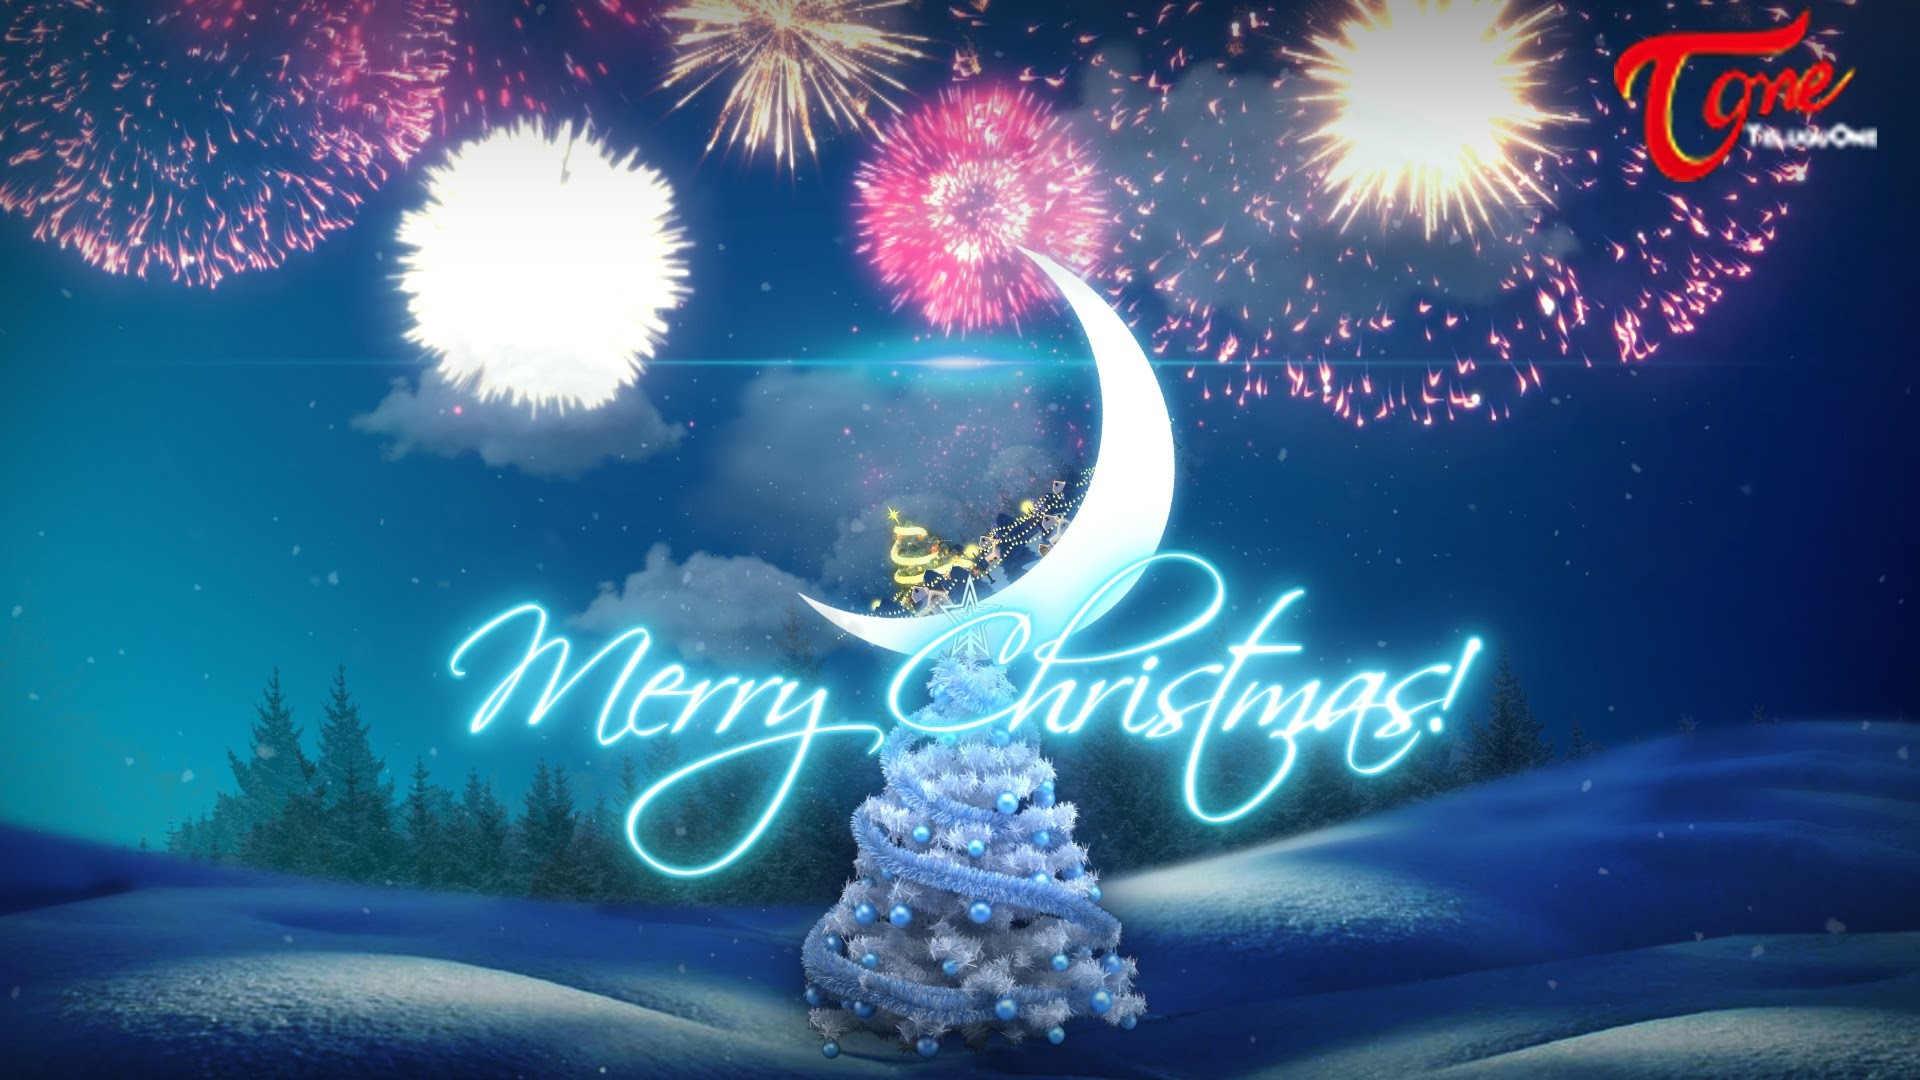 Animated Christmas Greetings (20)